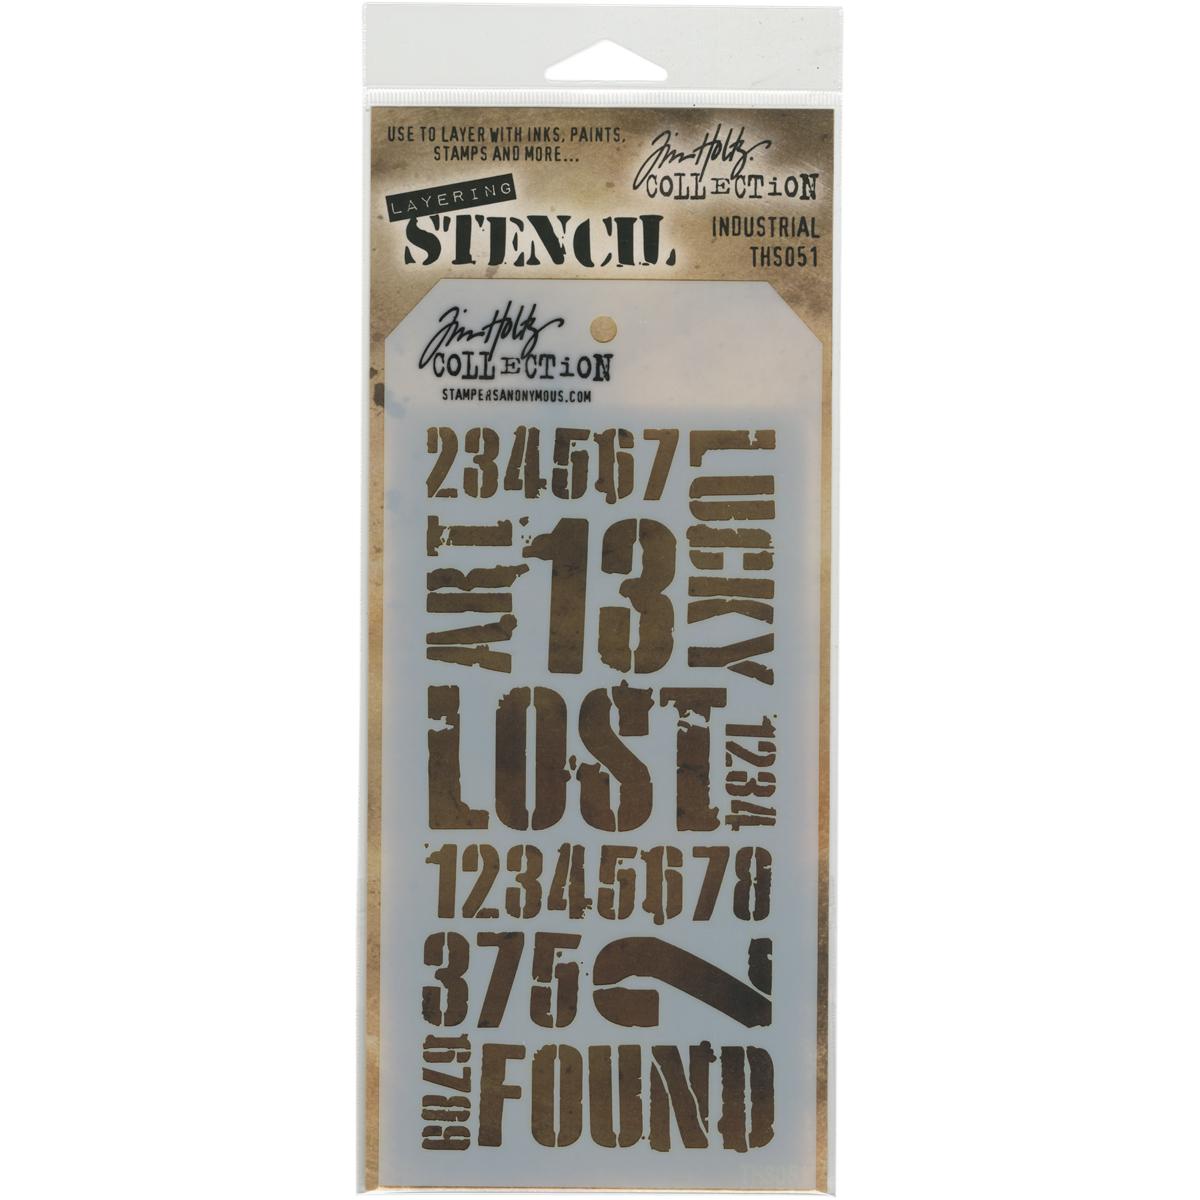 Tim Holtz Layered Stencil 4.125X8.5-Industrial